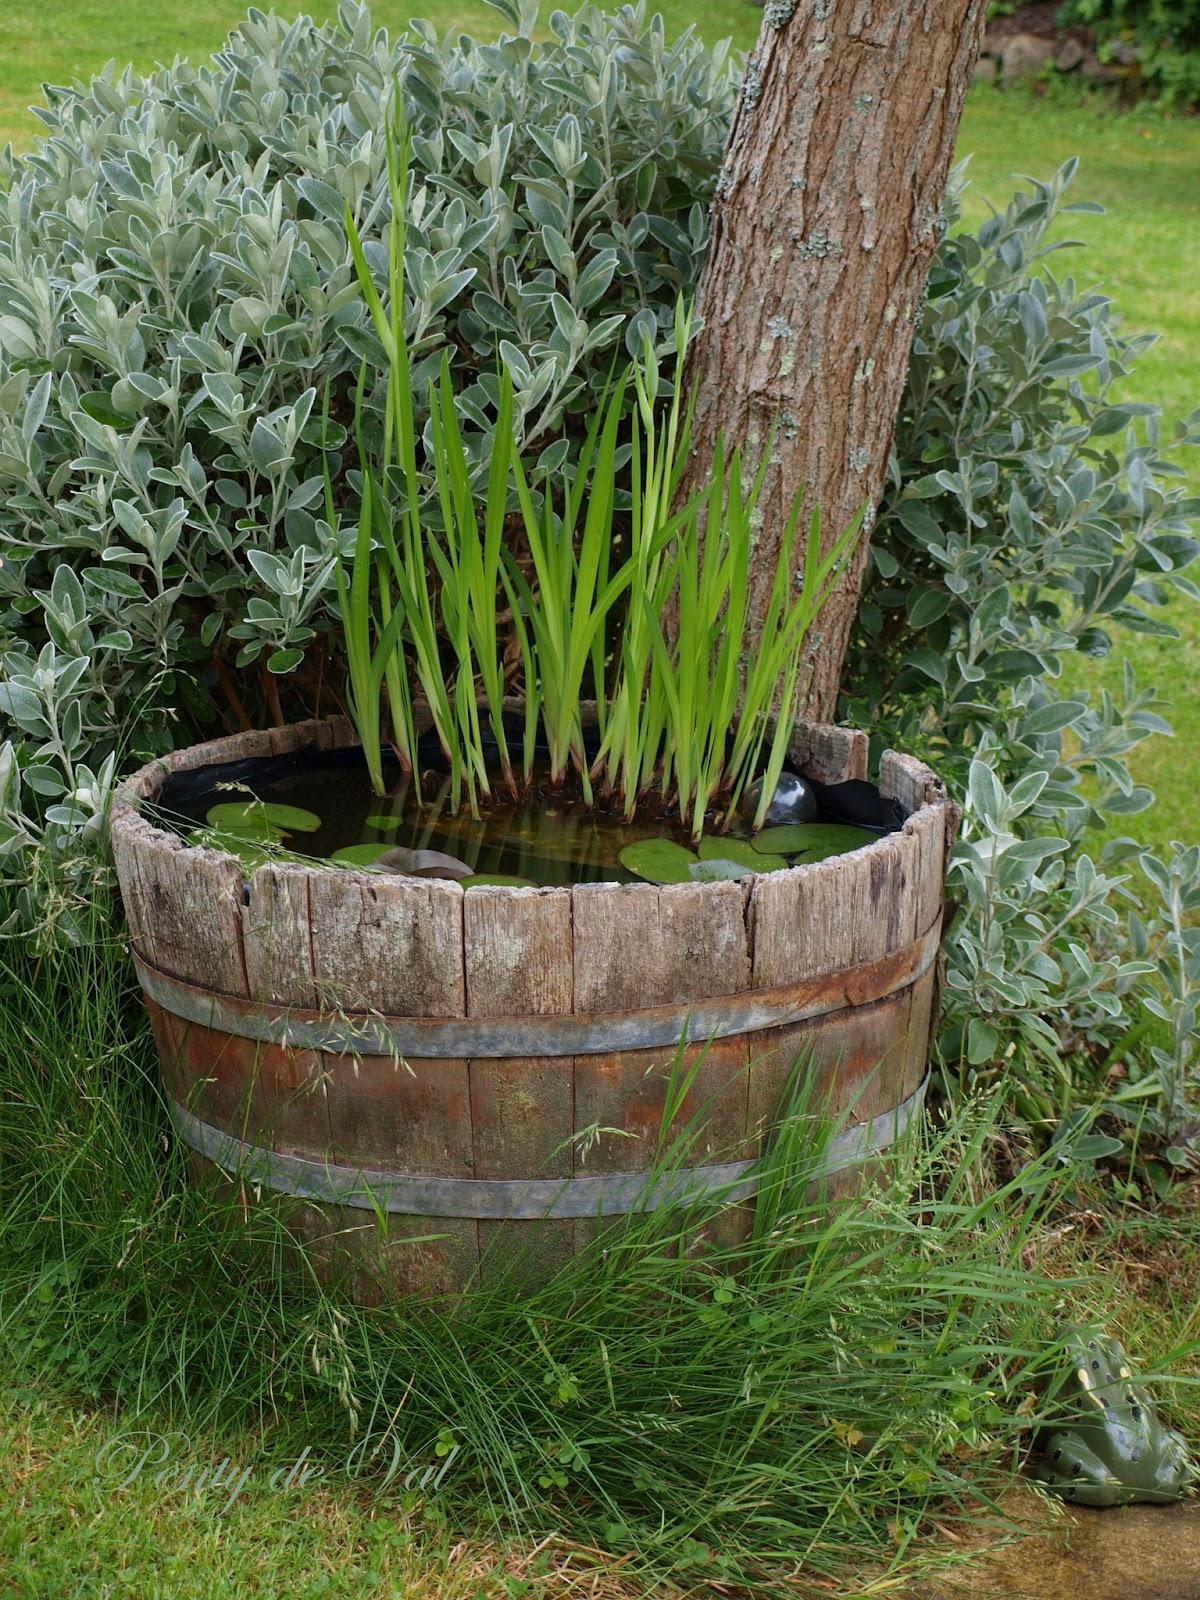 Penty de val un mini bassin tonneau dans le jardin - Bassin tonneau jardin metz ...